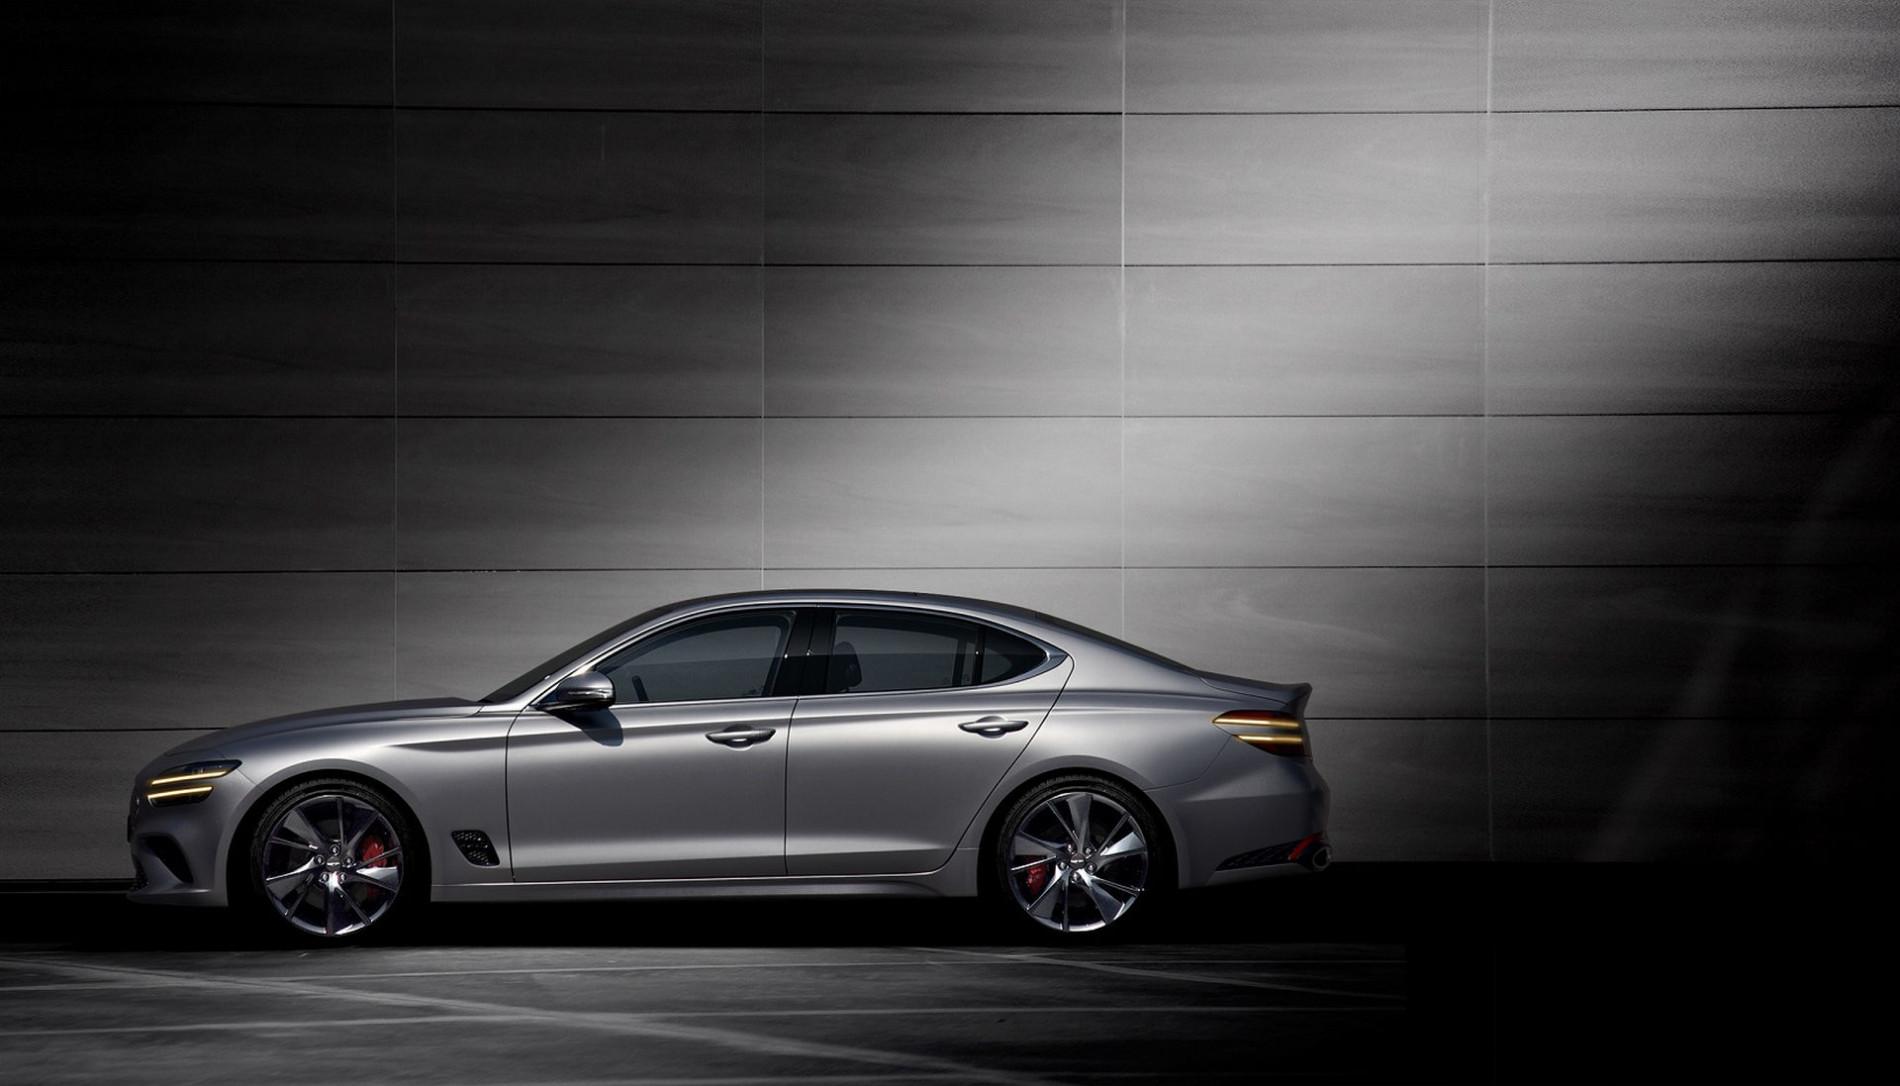 Genesis G70 Facelift - Genesis G70 Facelift